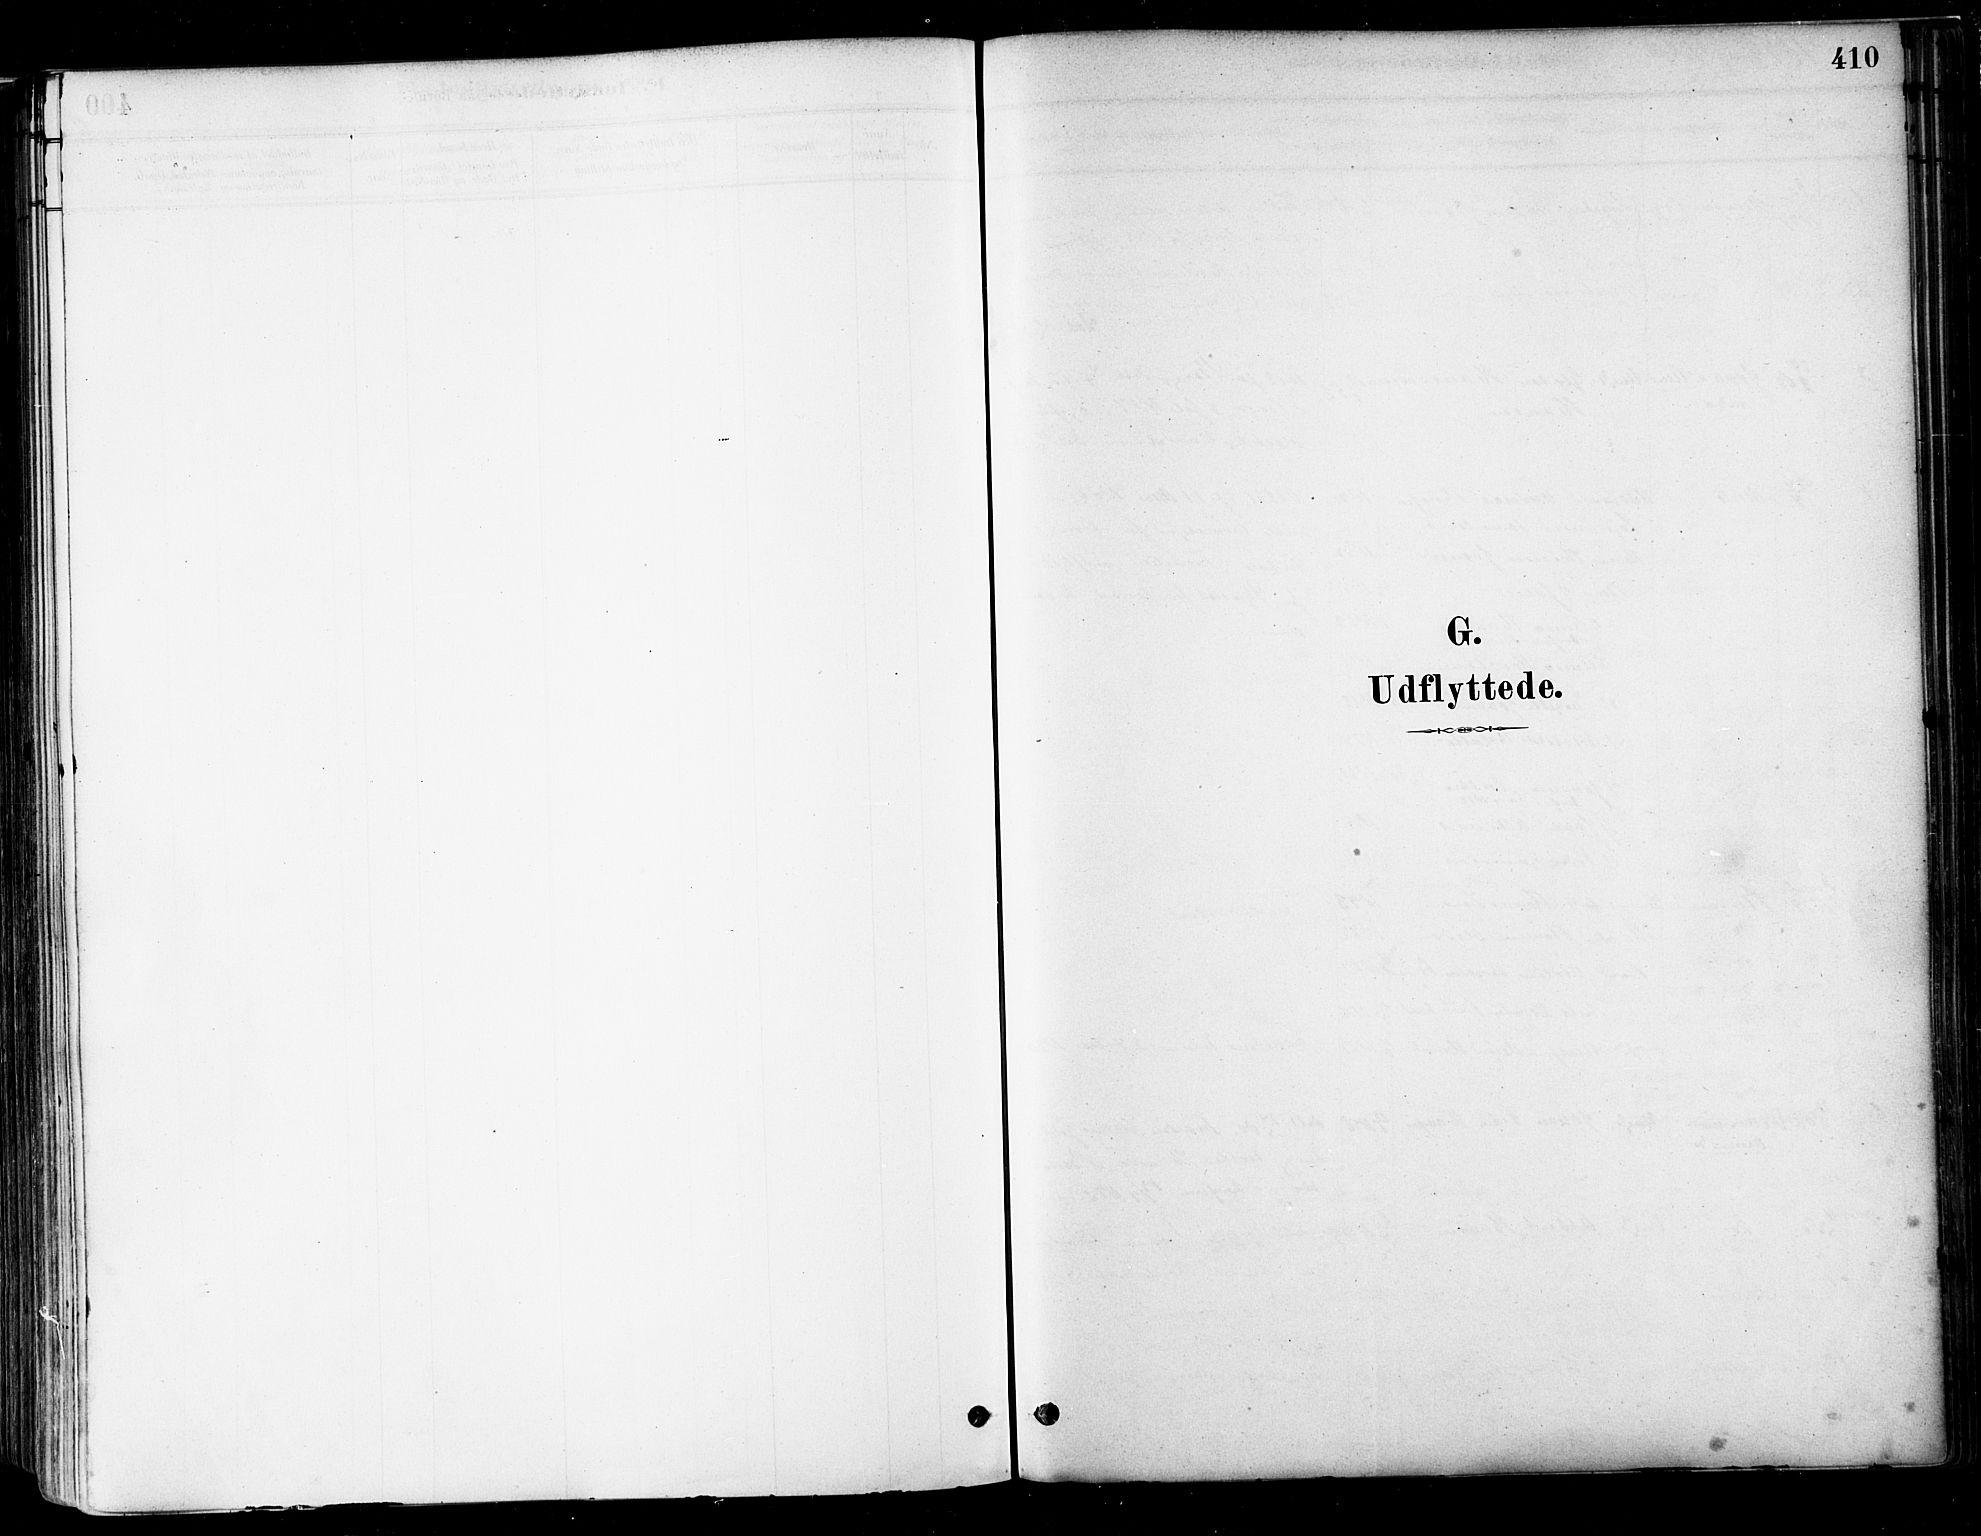 SAT, Ministerialprotokoller, klokkerbøker og fødselsregistre - Nordland, 802/L0054: Parish register (official) no. 802A01, 1879-1893, p. 410